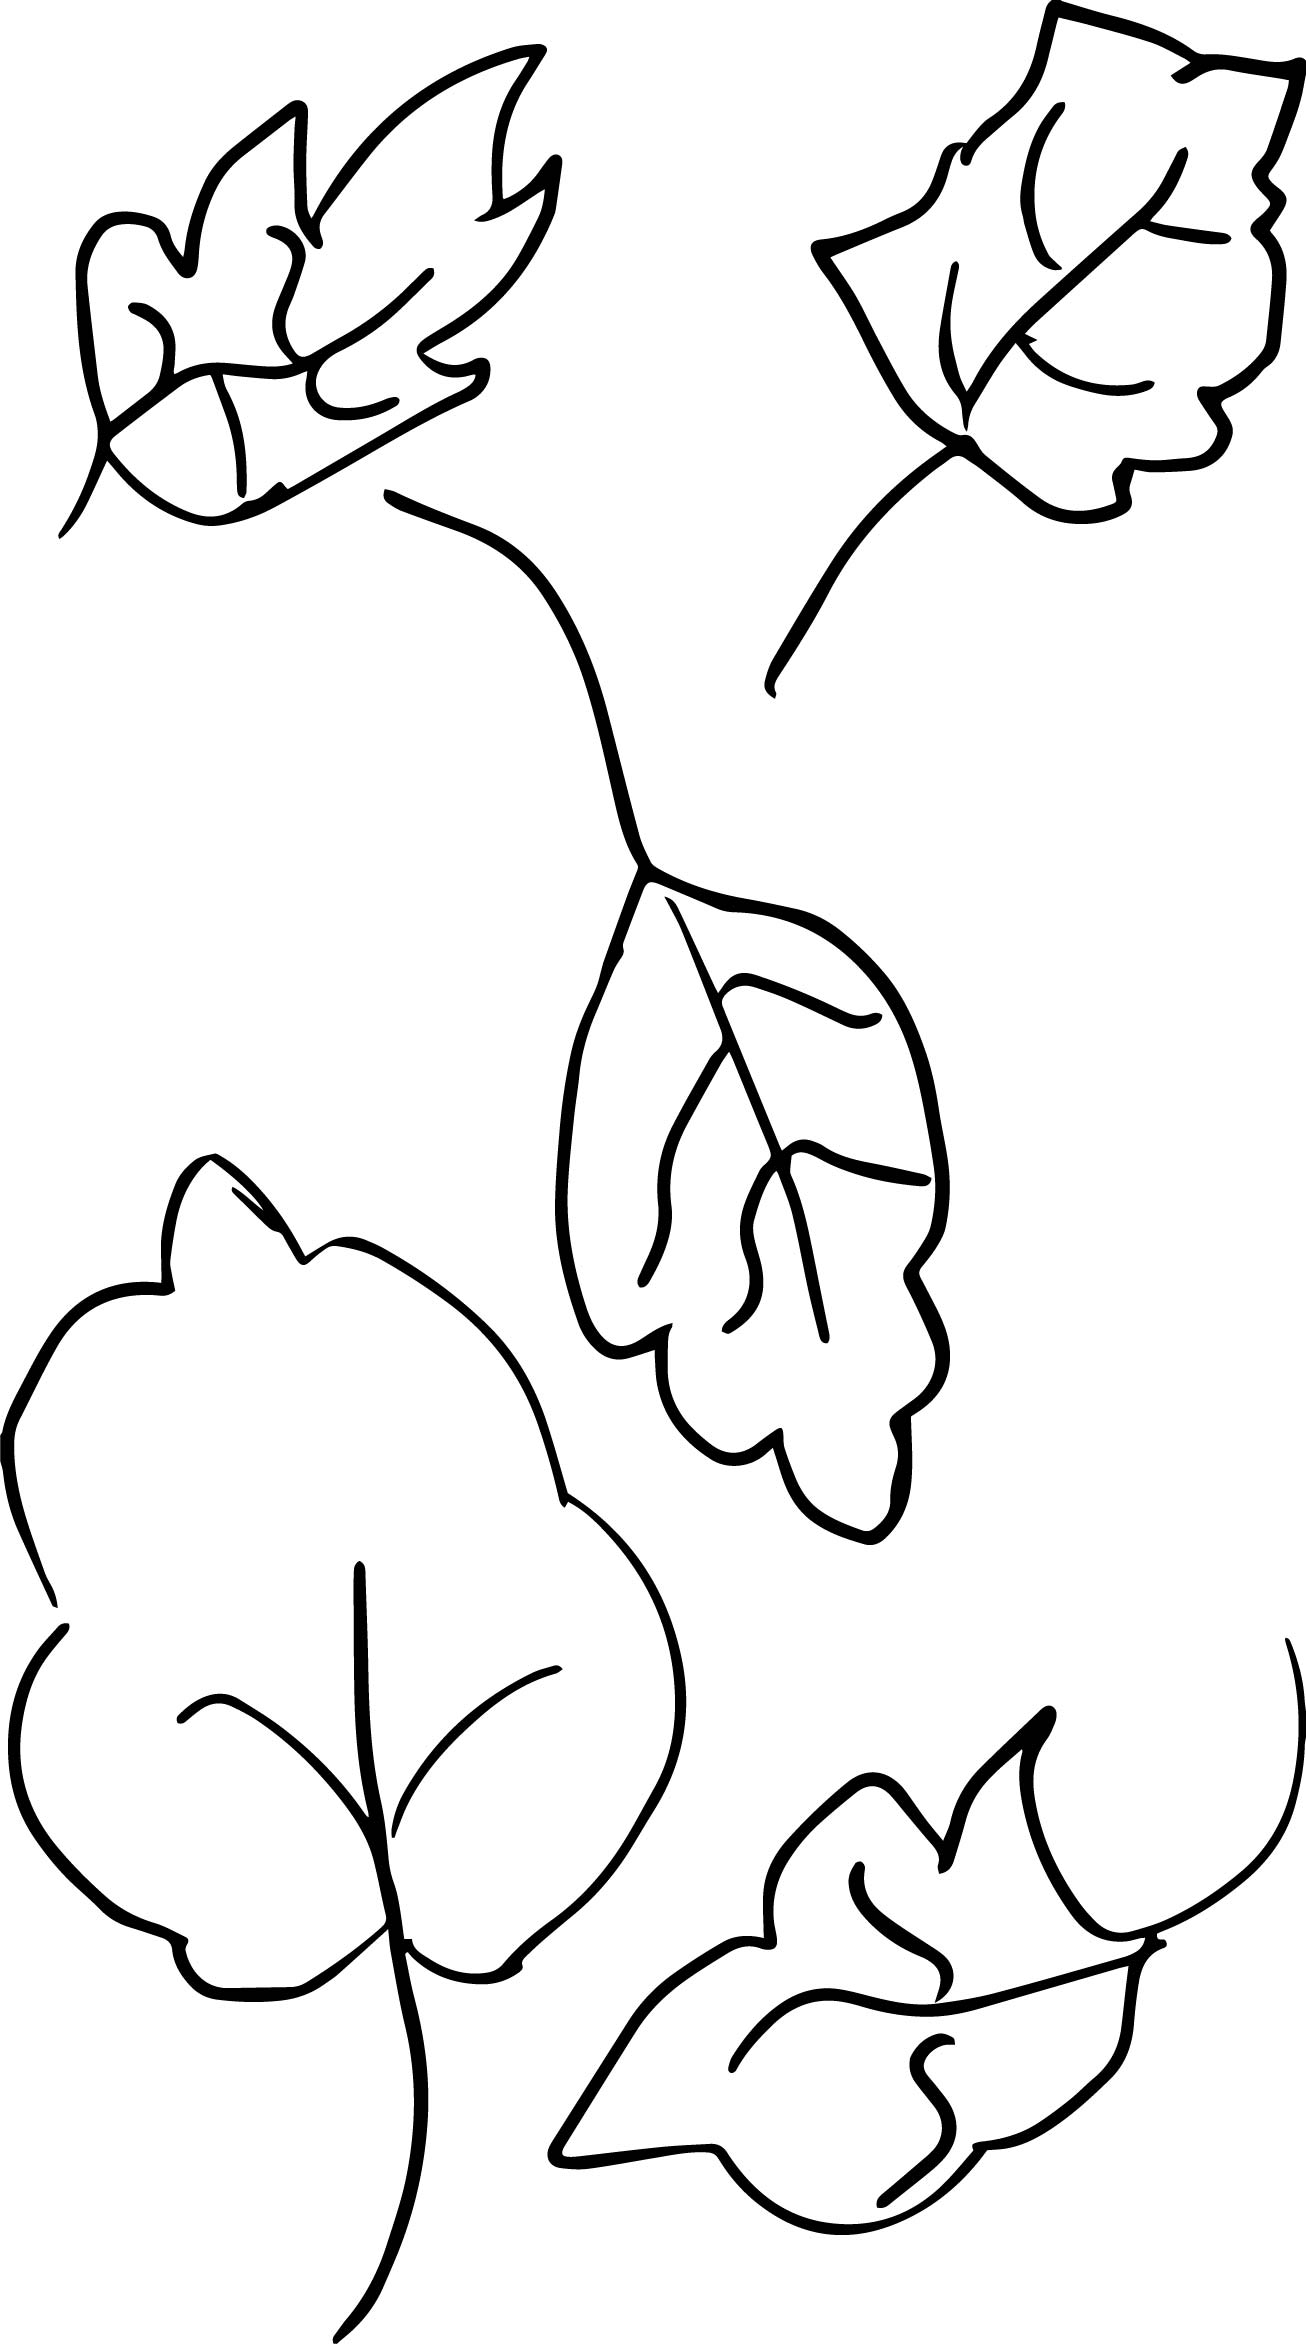 Own Drawing Sketch Leaf Coloring Page By Brus Wonderus